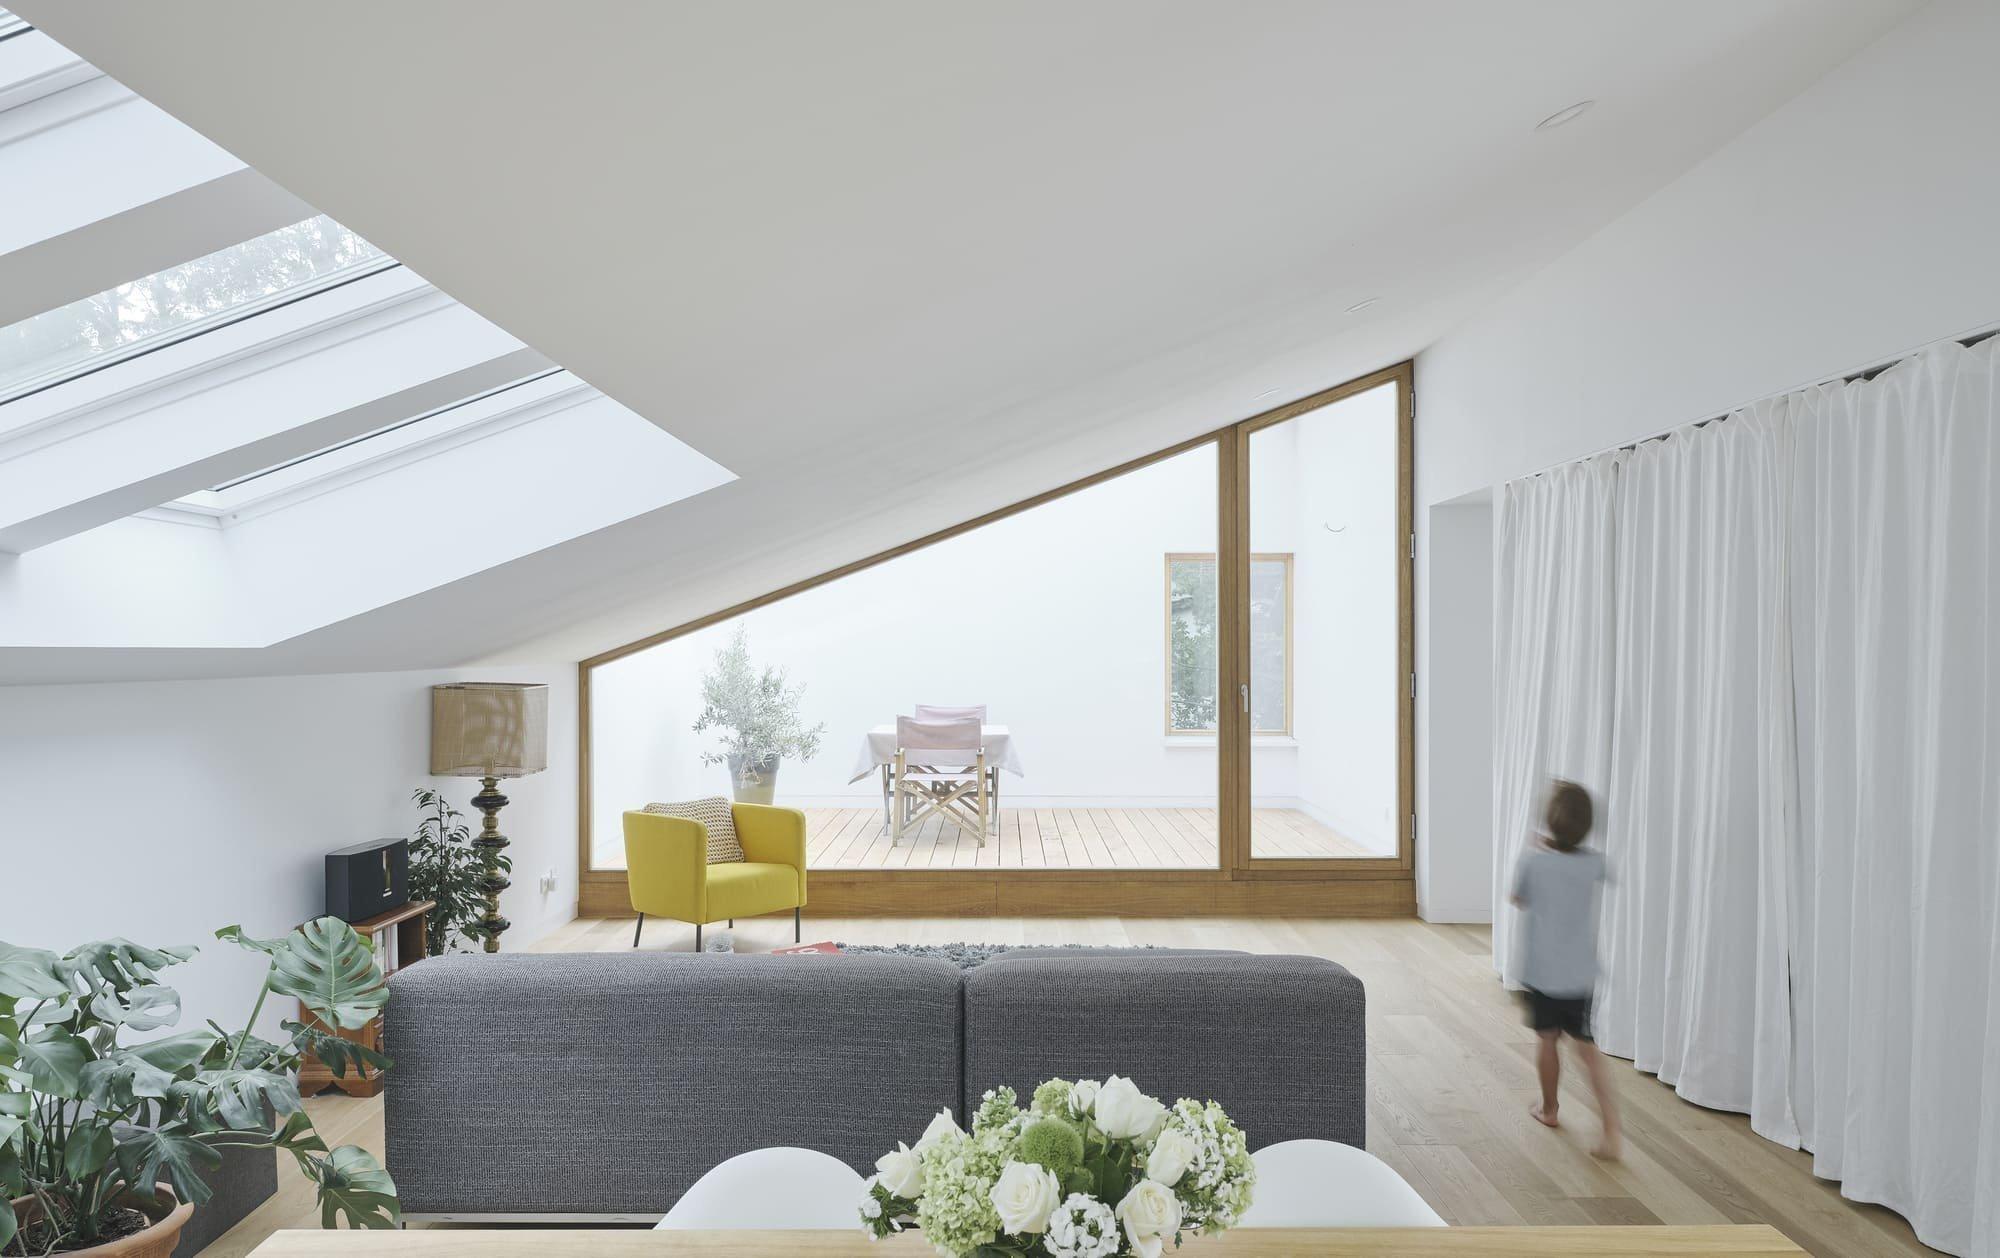 Minimalistický bílý dům na sebe upozorňuje jakousi výjimečnou čistotou. Jeho jednoduchá elegance, hranaté linie i čistá bílá se tyčí uprostřed vzrostlých stromů a doplňují je. Interiér vás zaujme otevřeným a chytře řešeným prostorem i skandinávským minimalismem.